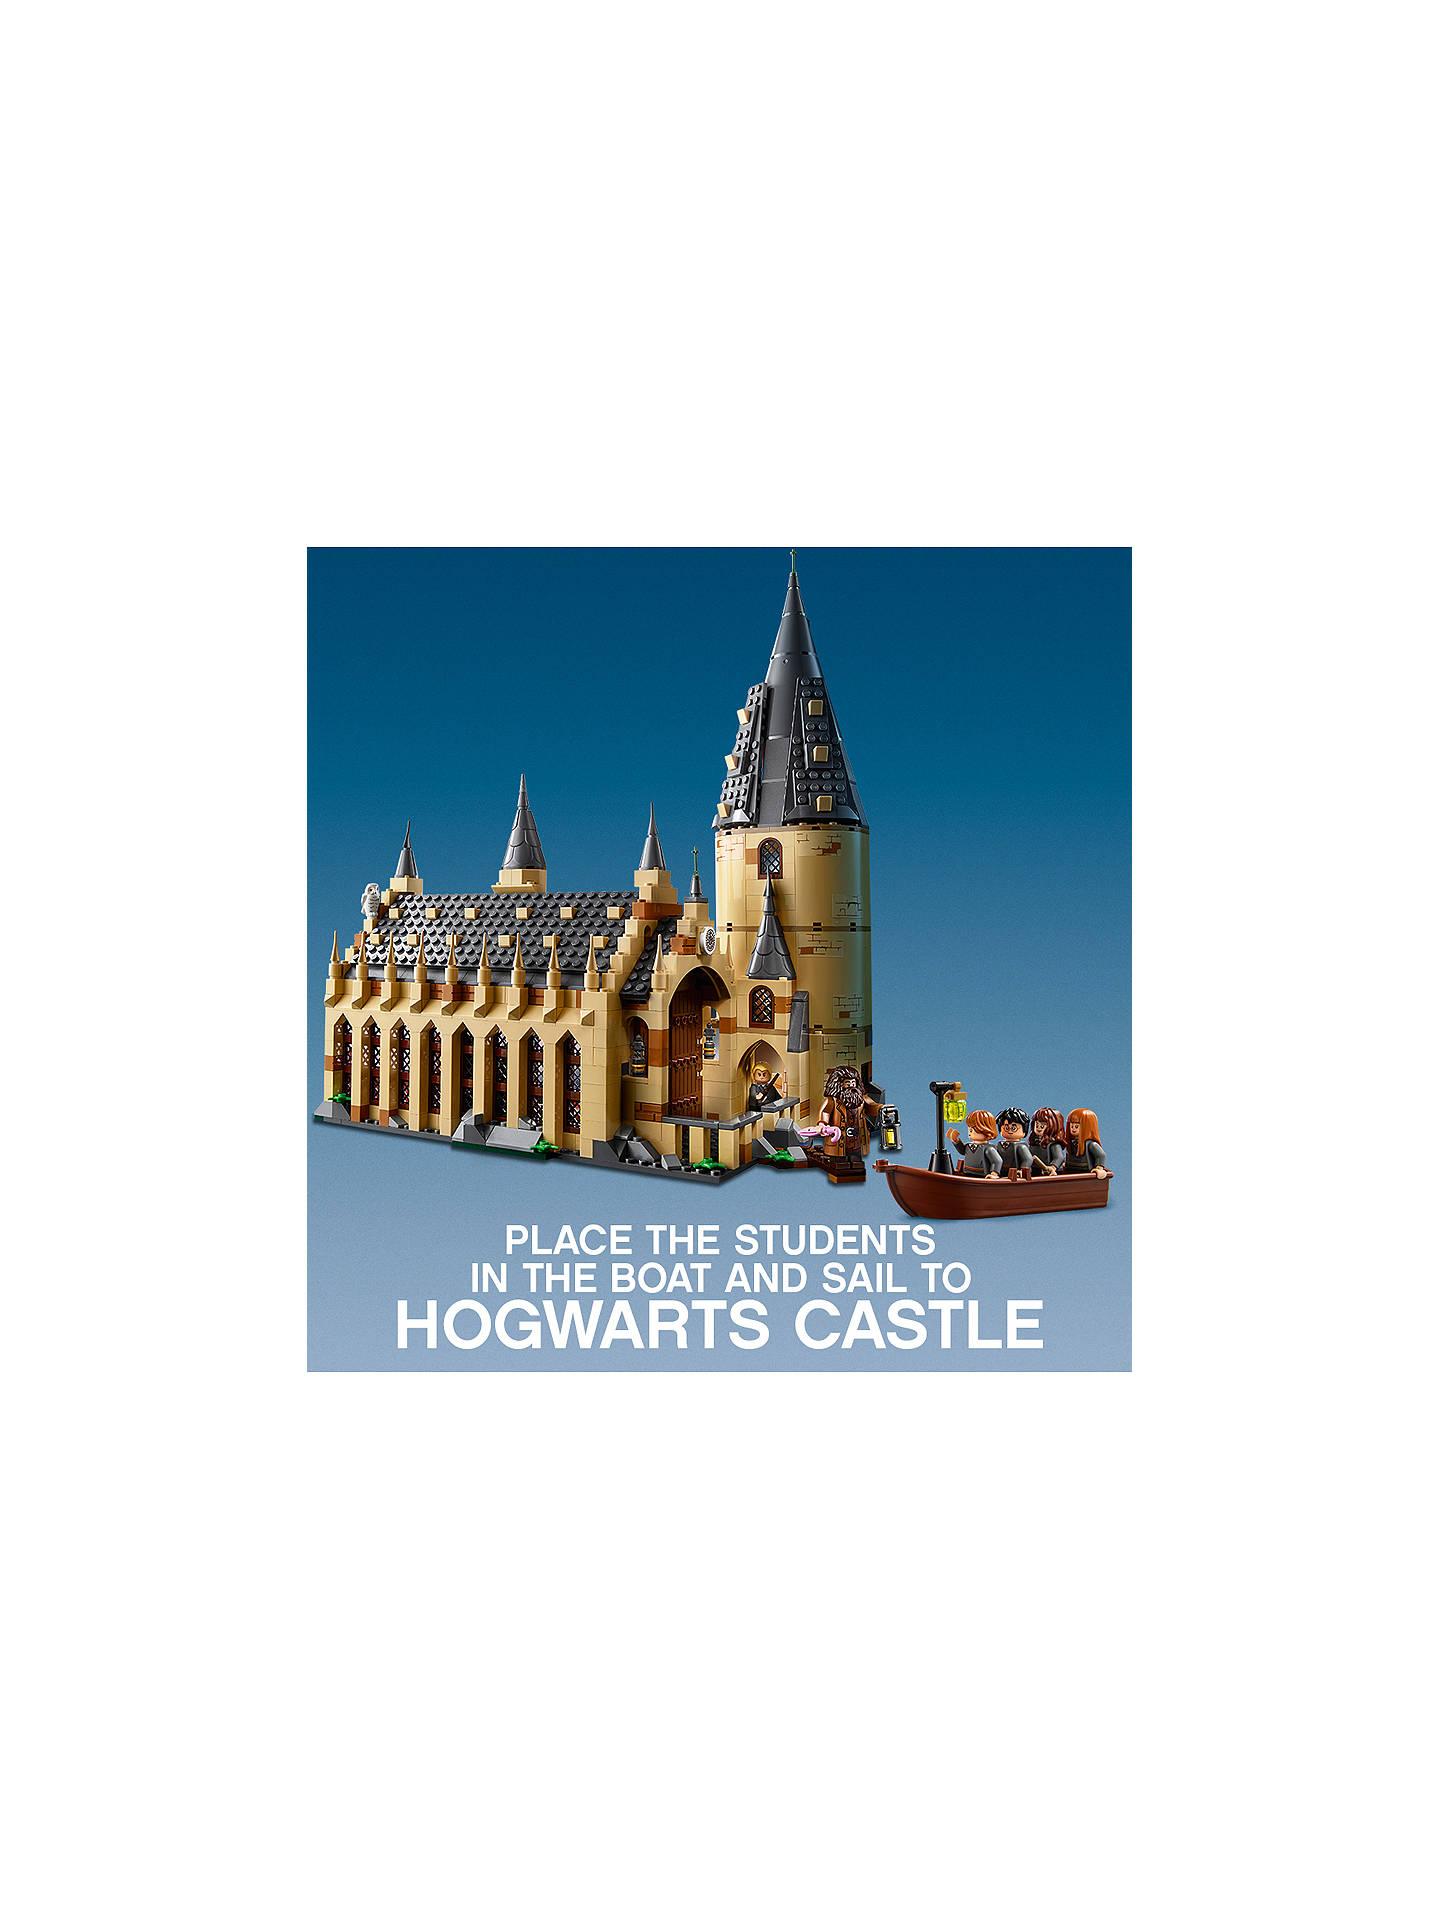 lego 75954 harry potter hogwarts great hall at john lewis. Black Bedroom Furniture Sets. Home Design Ideas